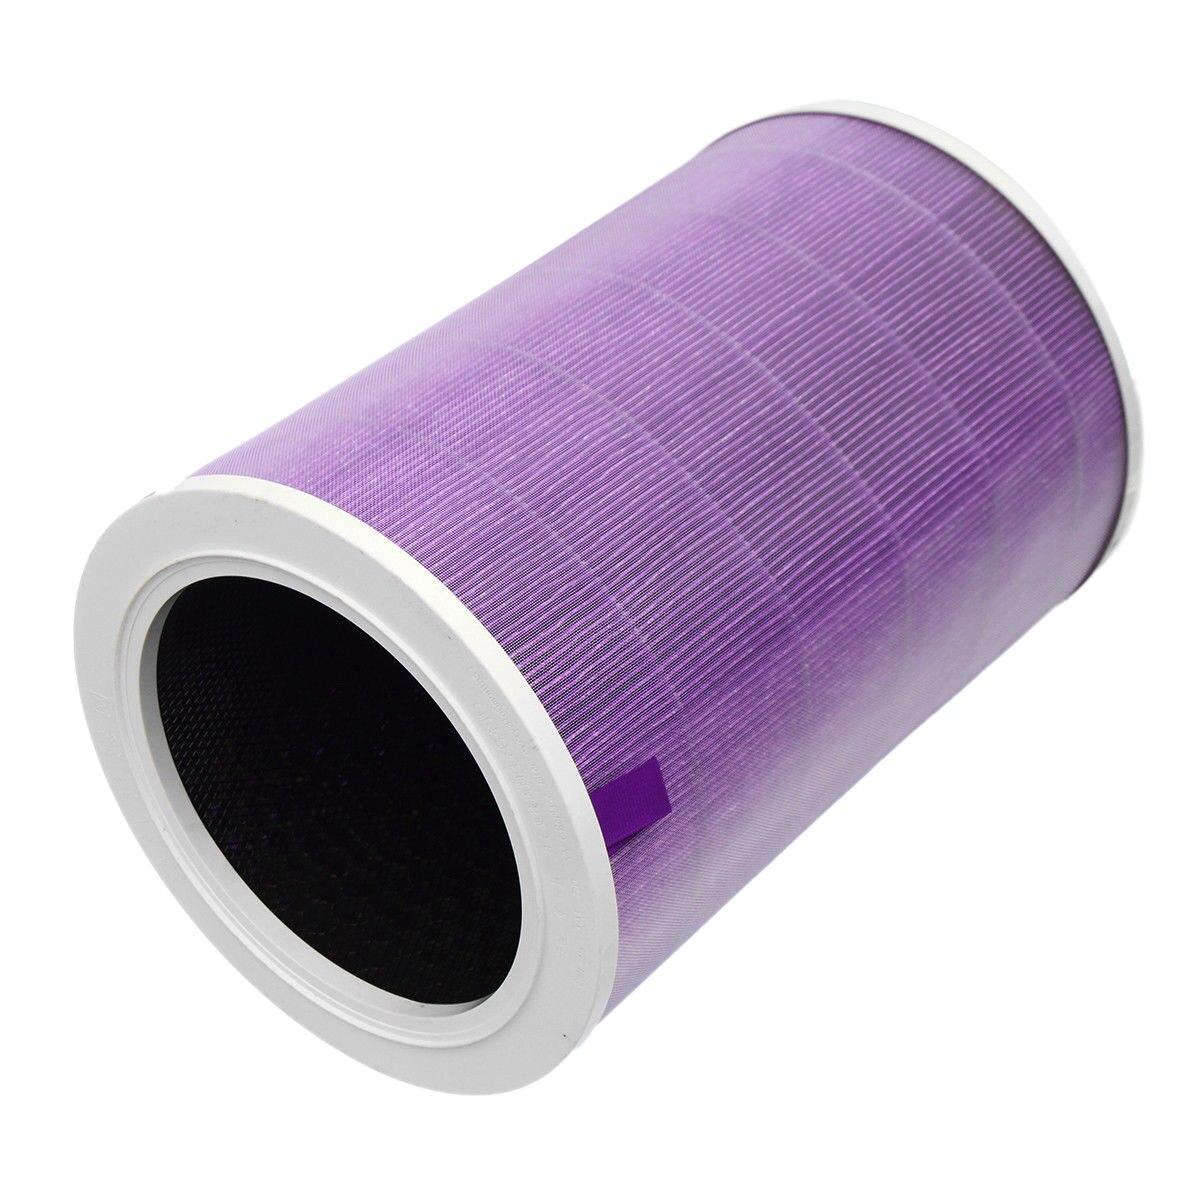 Filtre à Air cartouche élément filtrant pour Xiao mi mi purificateur d'air 1/2/Pro/2 S 1 PC